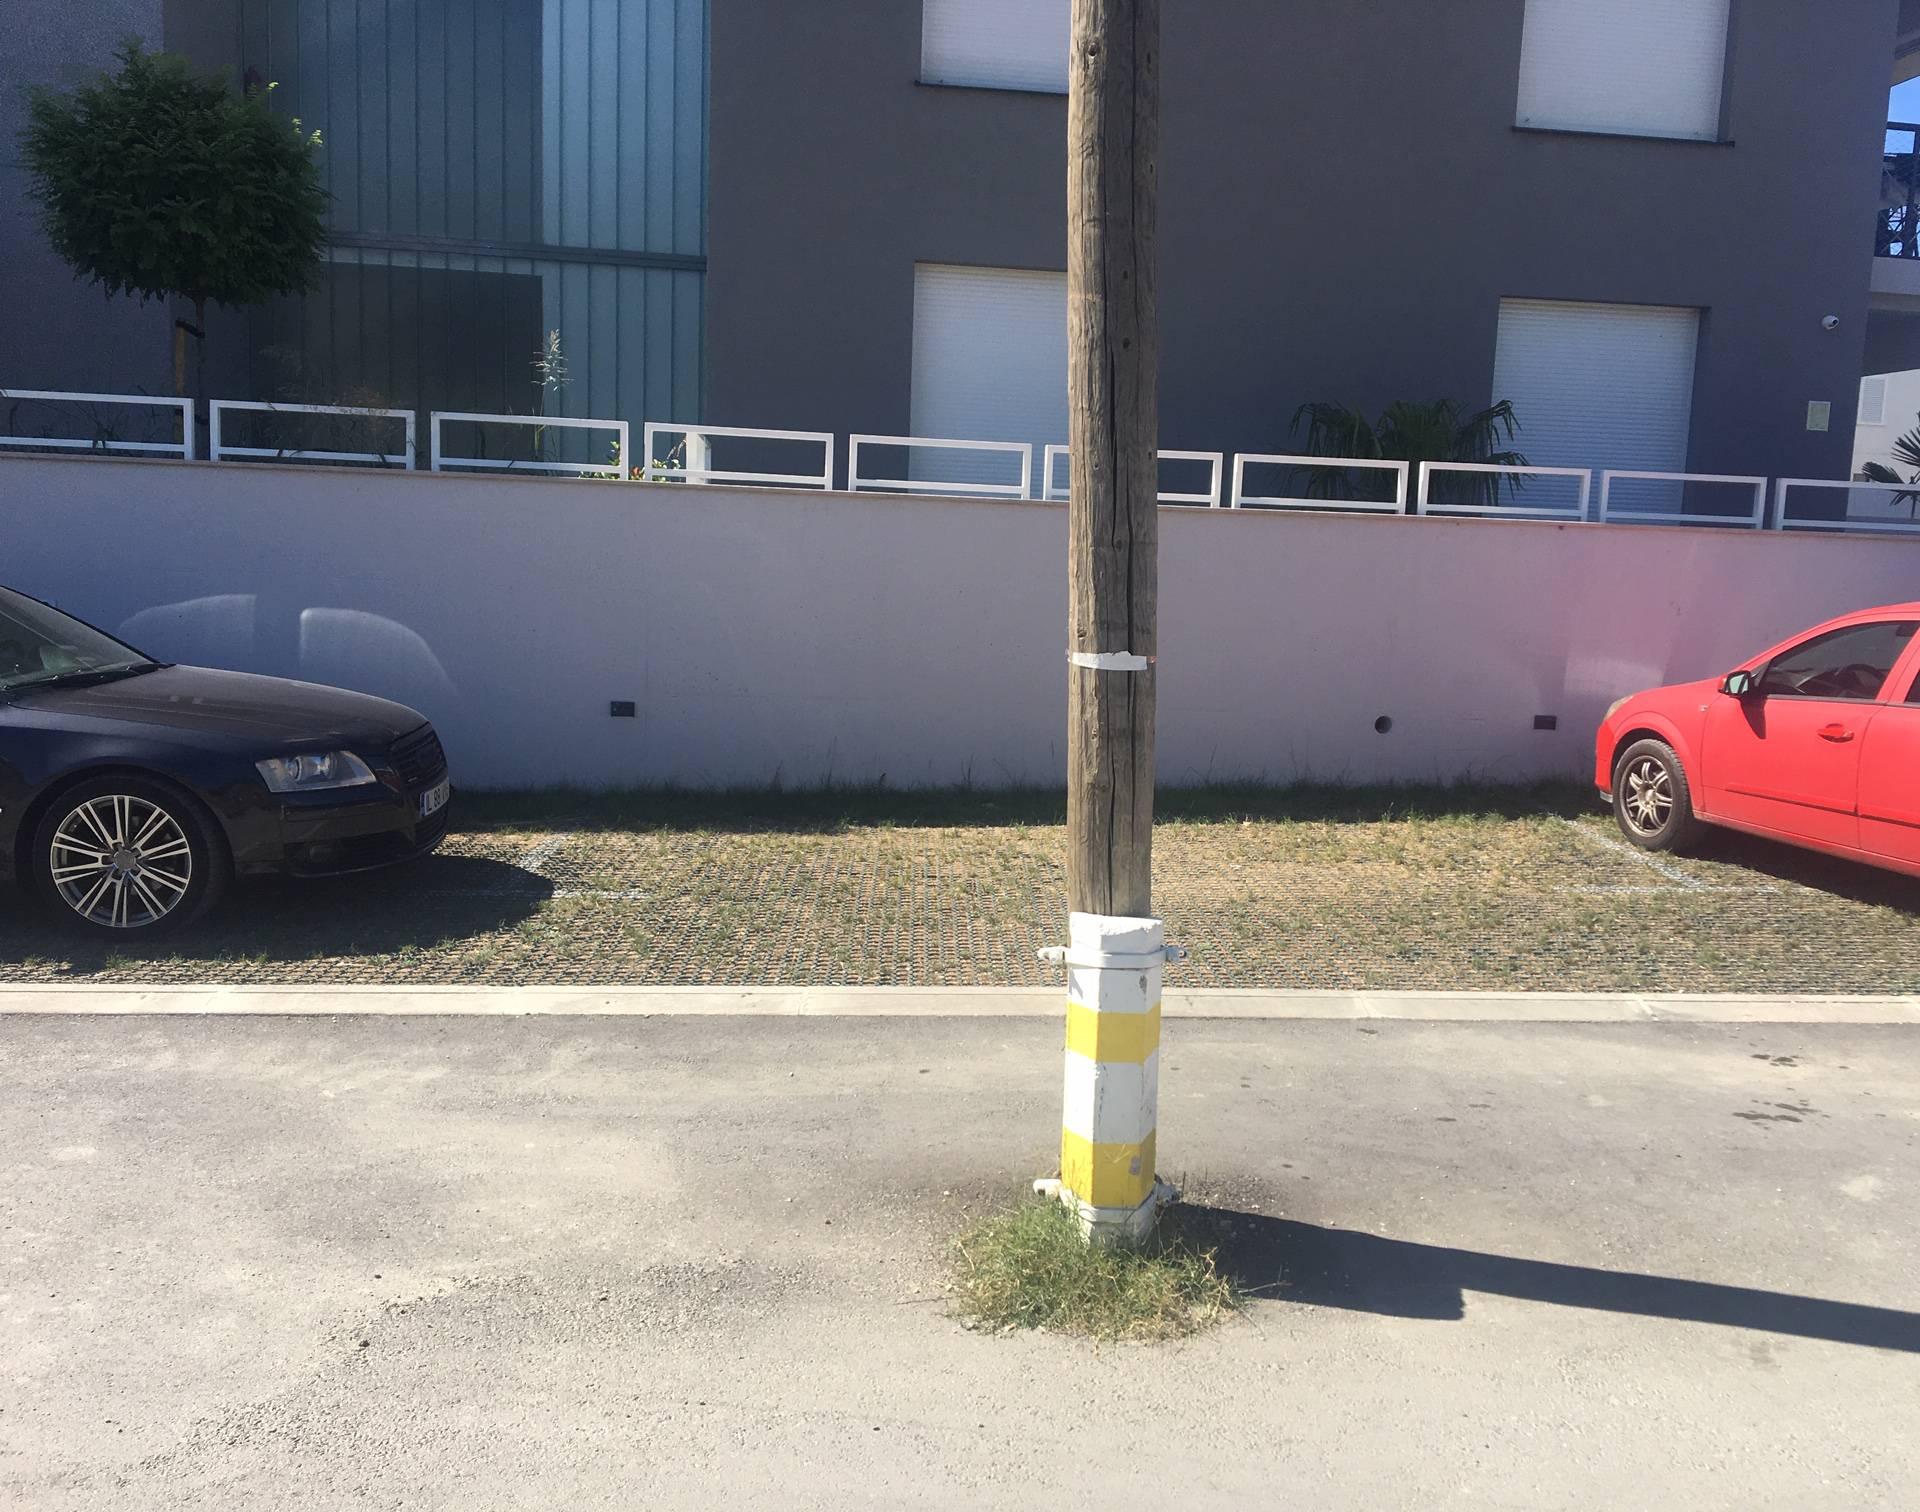 Genijalni posao: Kvadrat stana je 3000 eura, ali je stup mukte